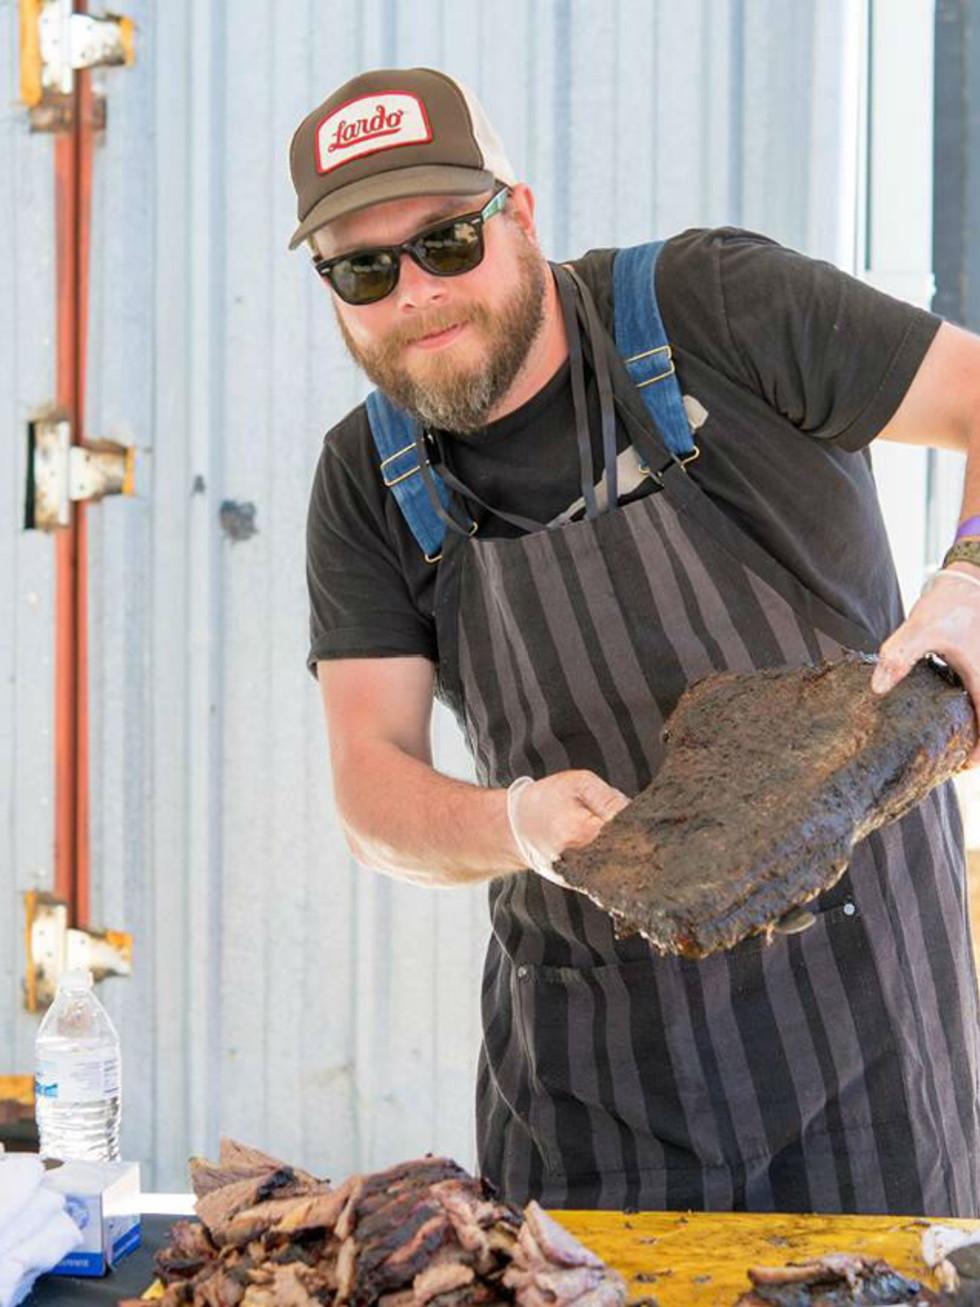 Dallas chef Andrew Dilda